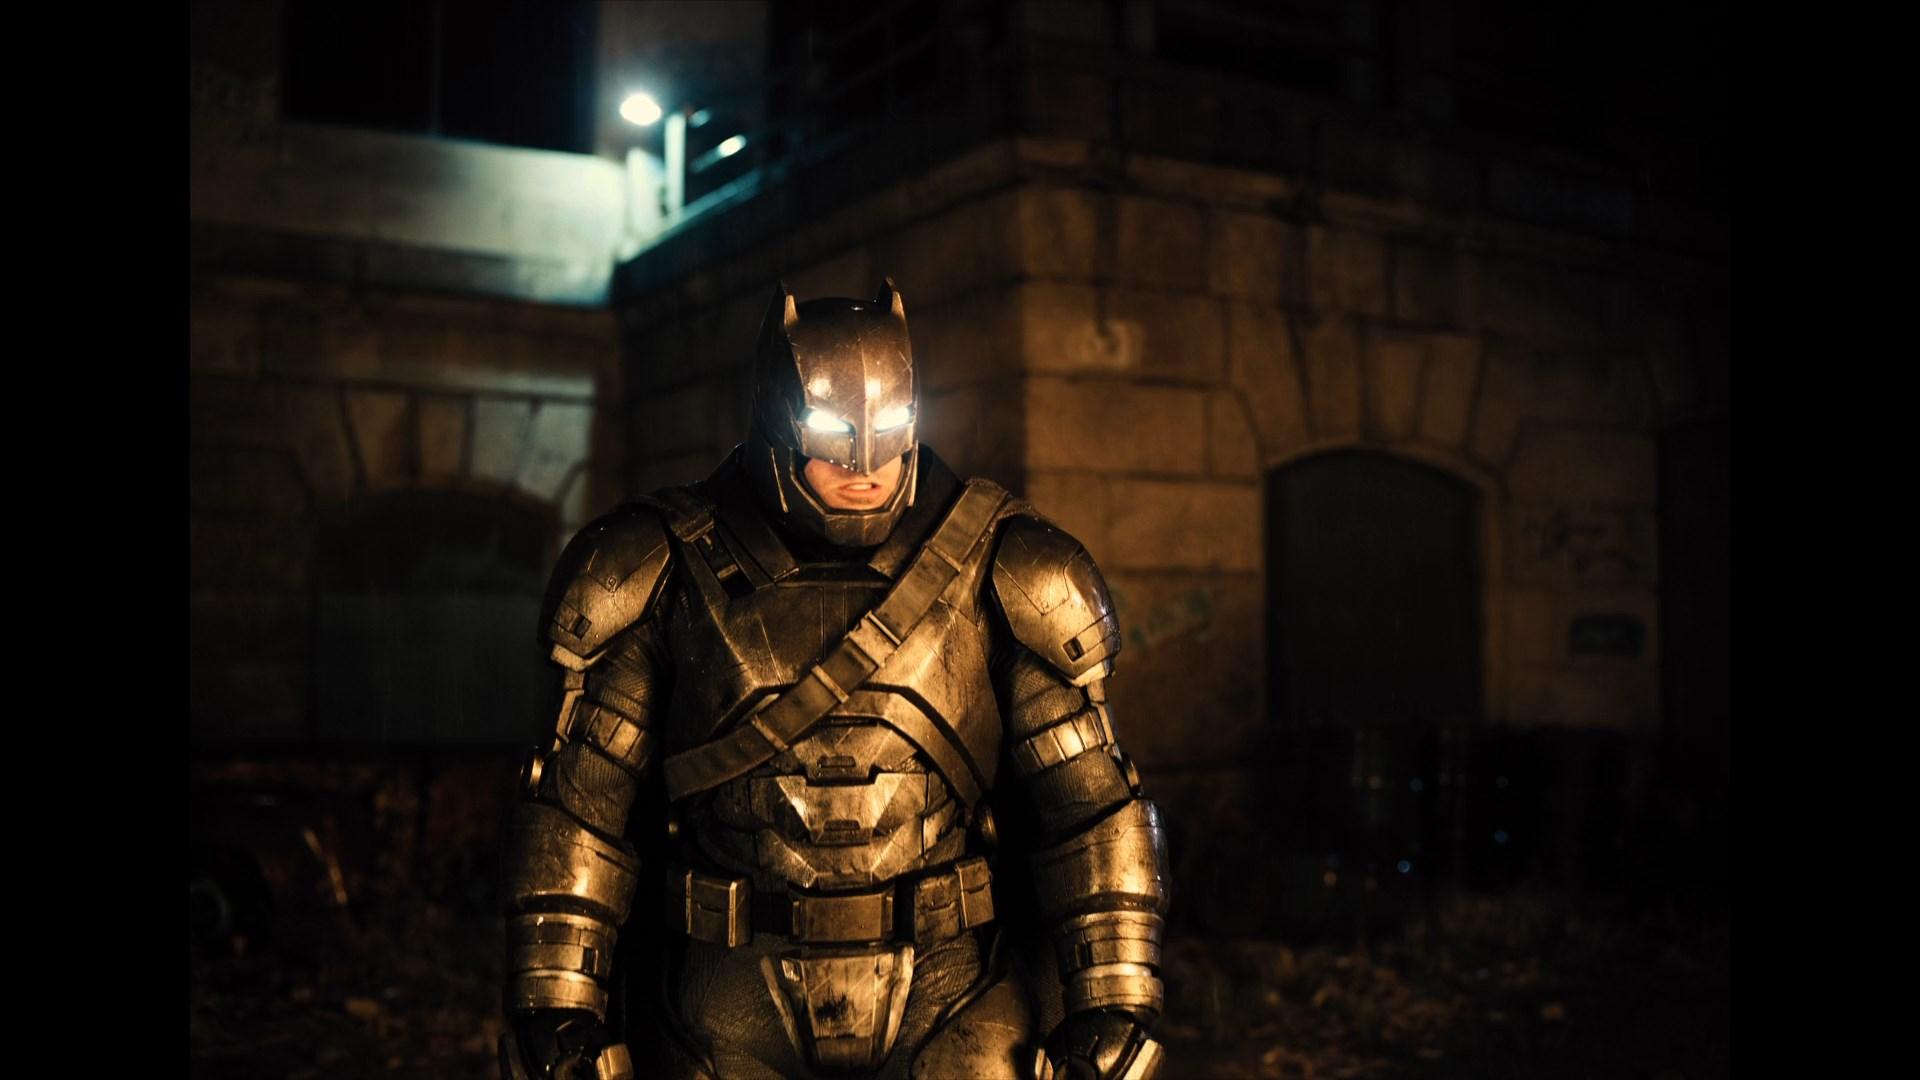 Batman vs Superman: El origen de la justicia (2016) Extended Cut (Ultimate Edition)(Remastered) IMAX 1080p BRRip Latino